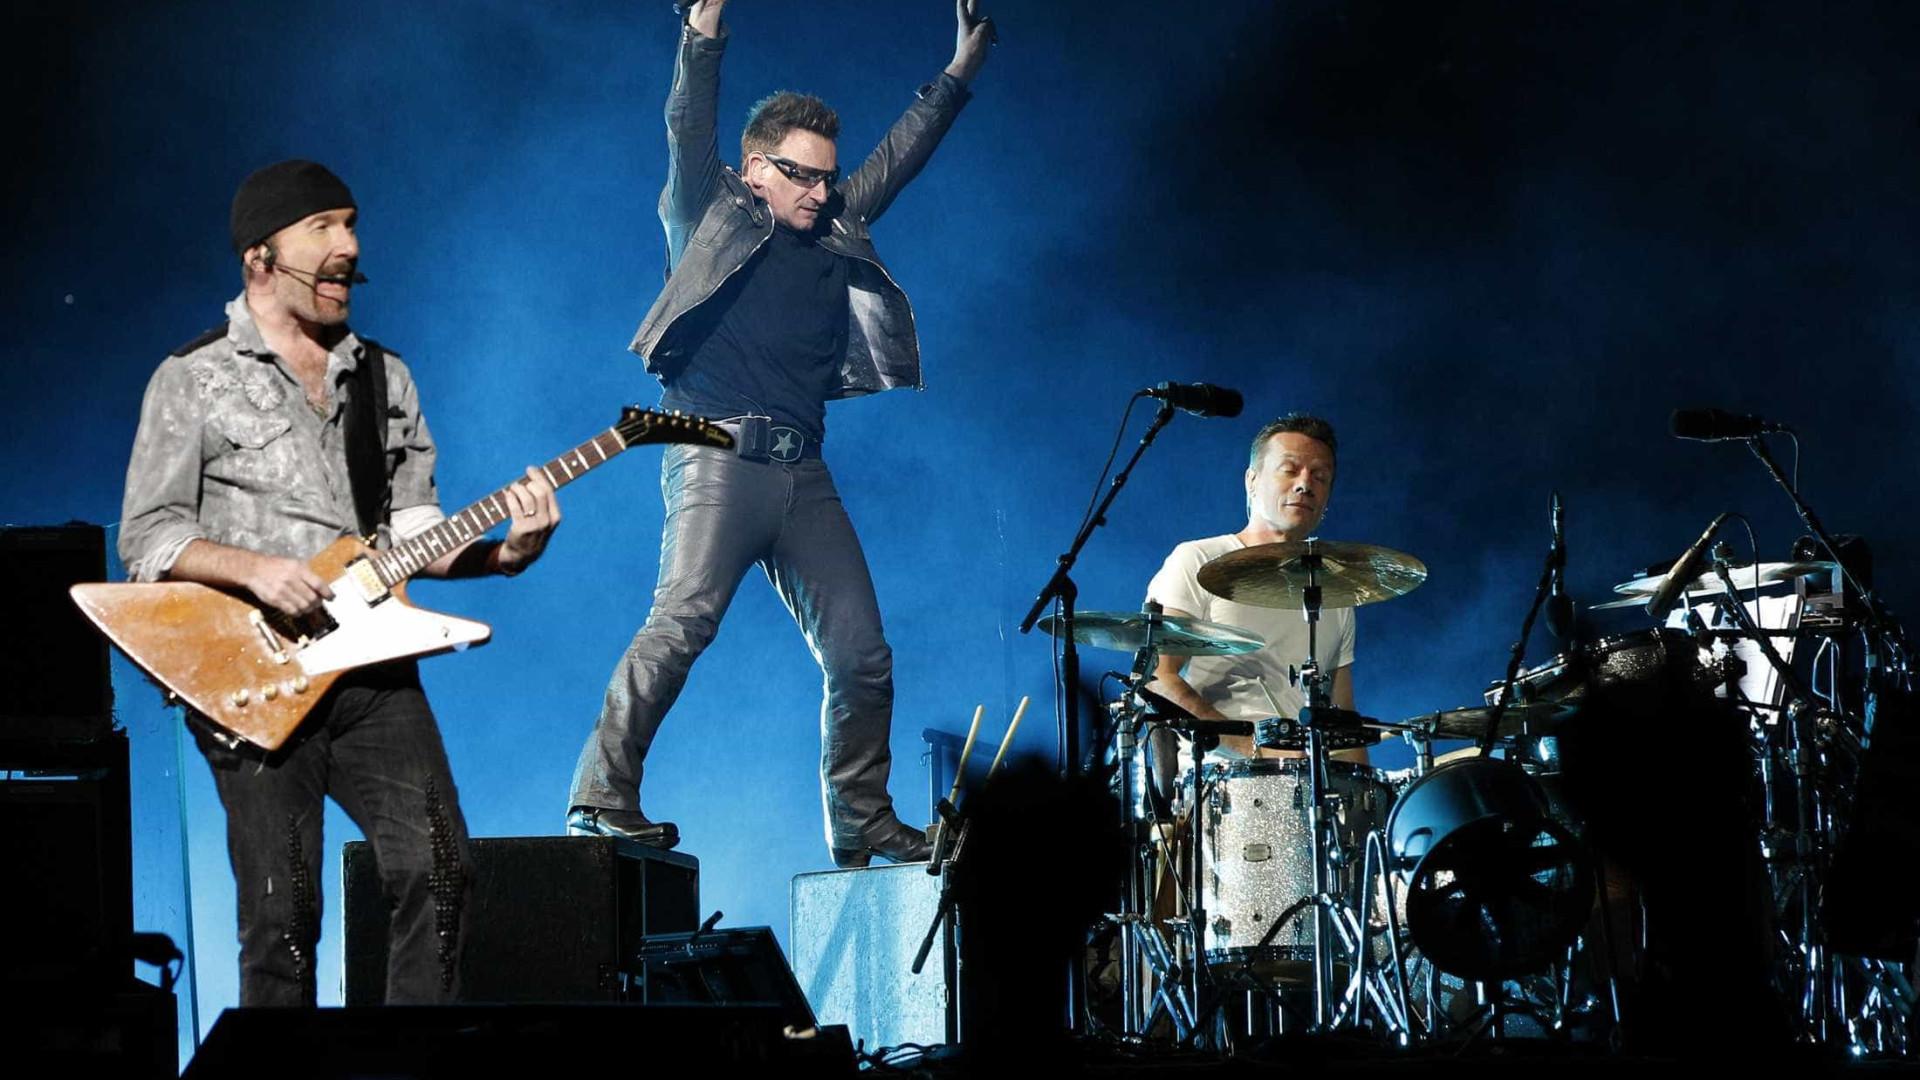 Fãs de U2, há mais bilhetes disponíveis para concerto em Lisboa